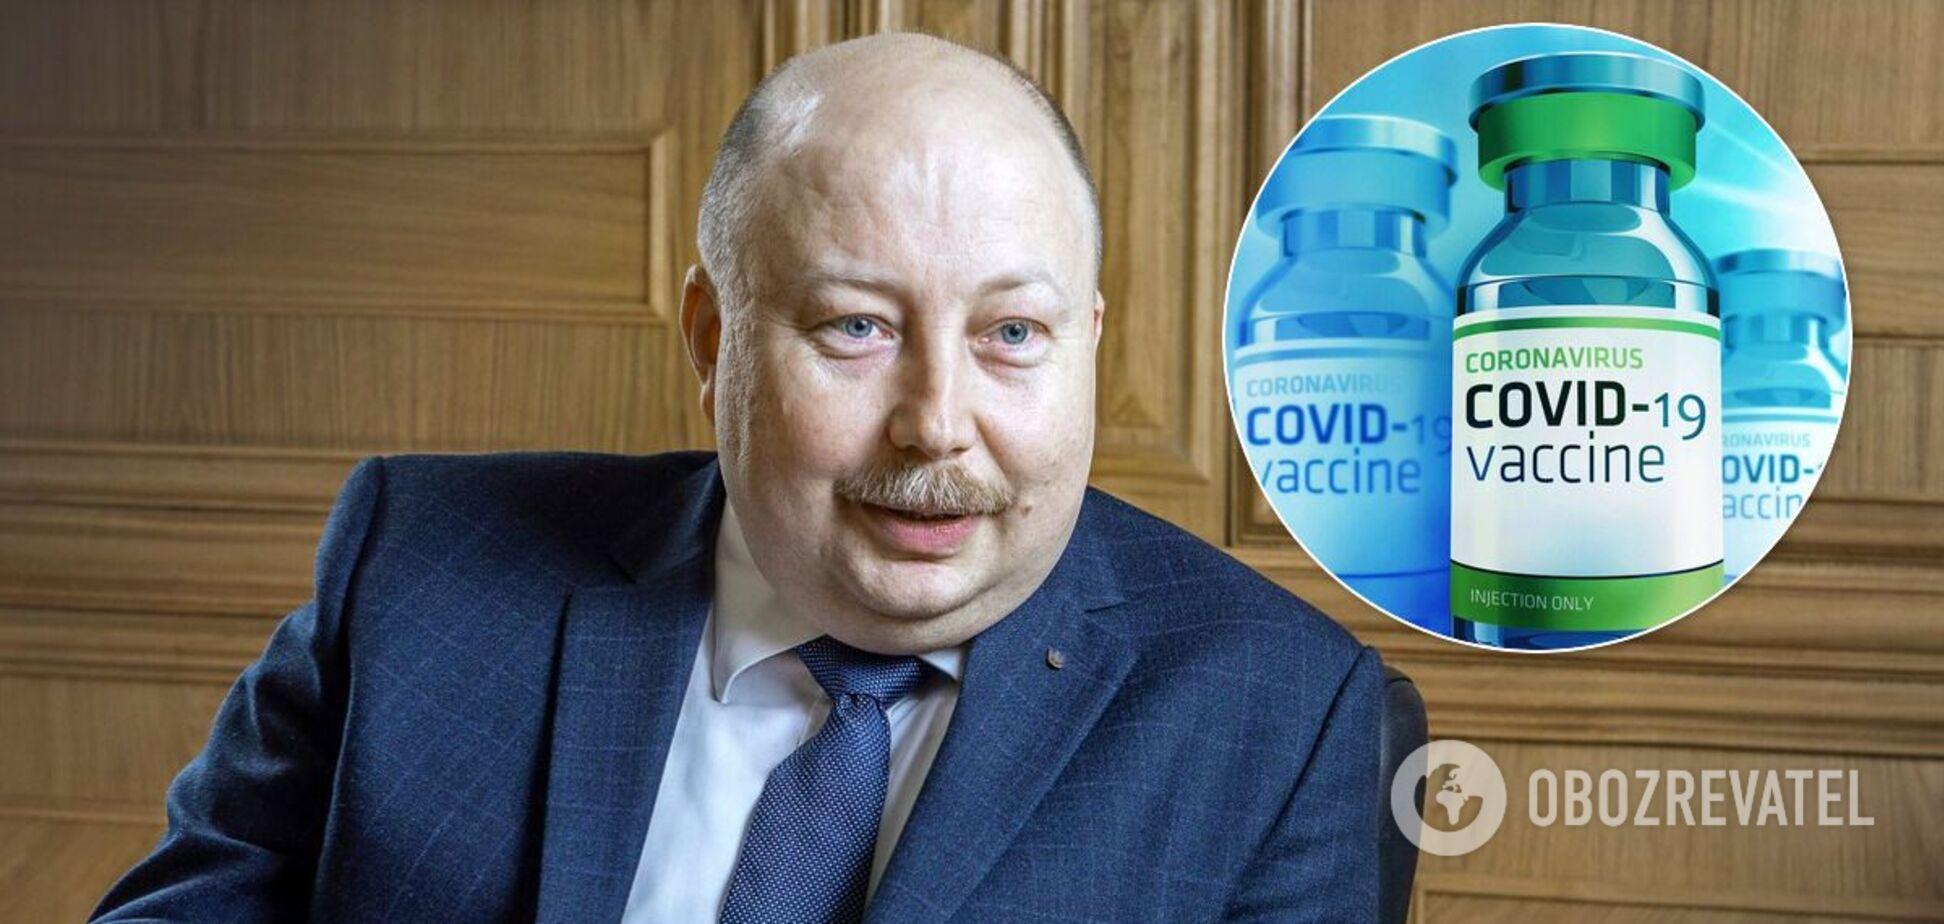 Україна отримає вдвічі більше безкоштовних доз вакцини проти COVID-19, – Немчінов